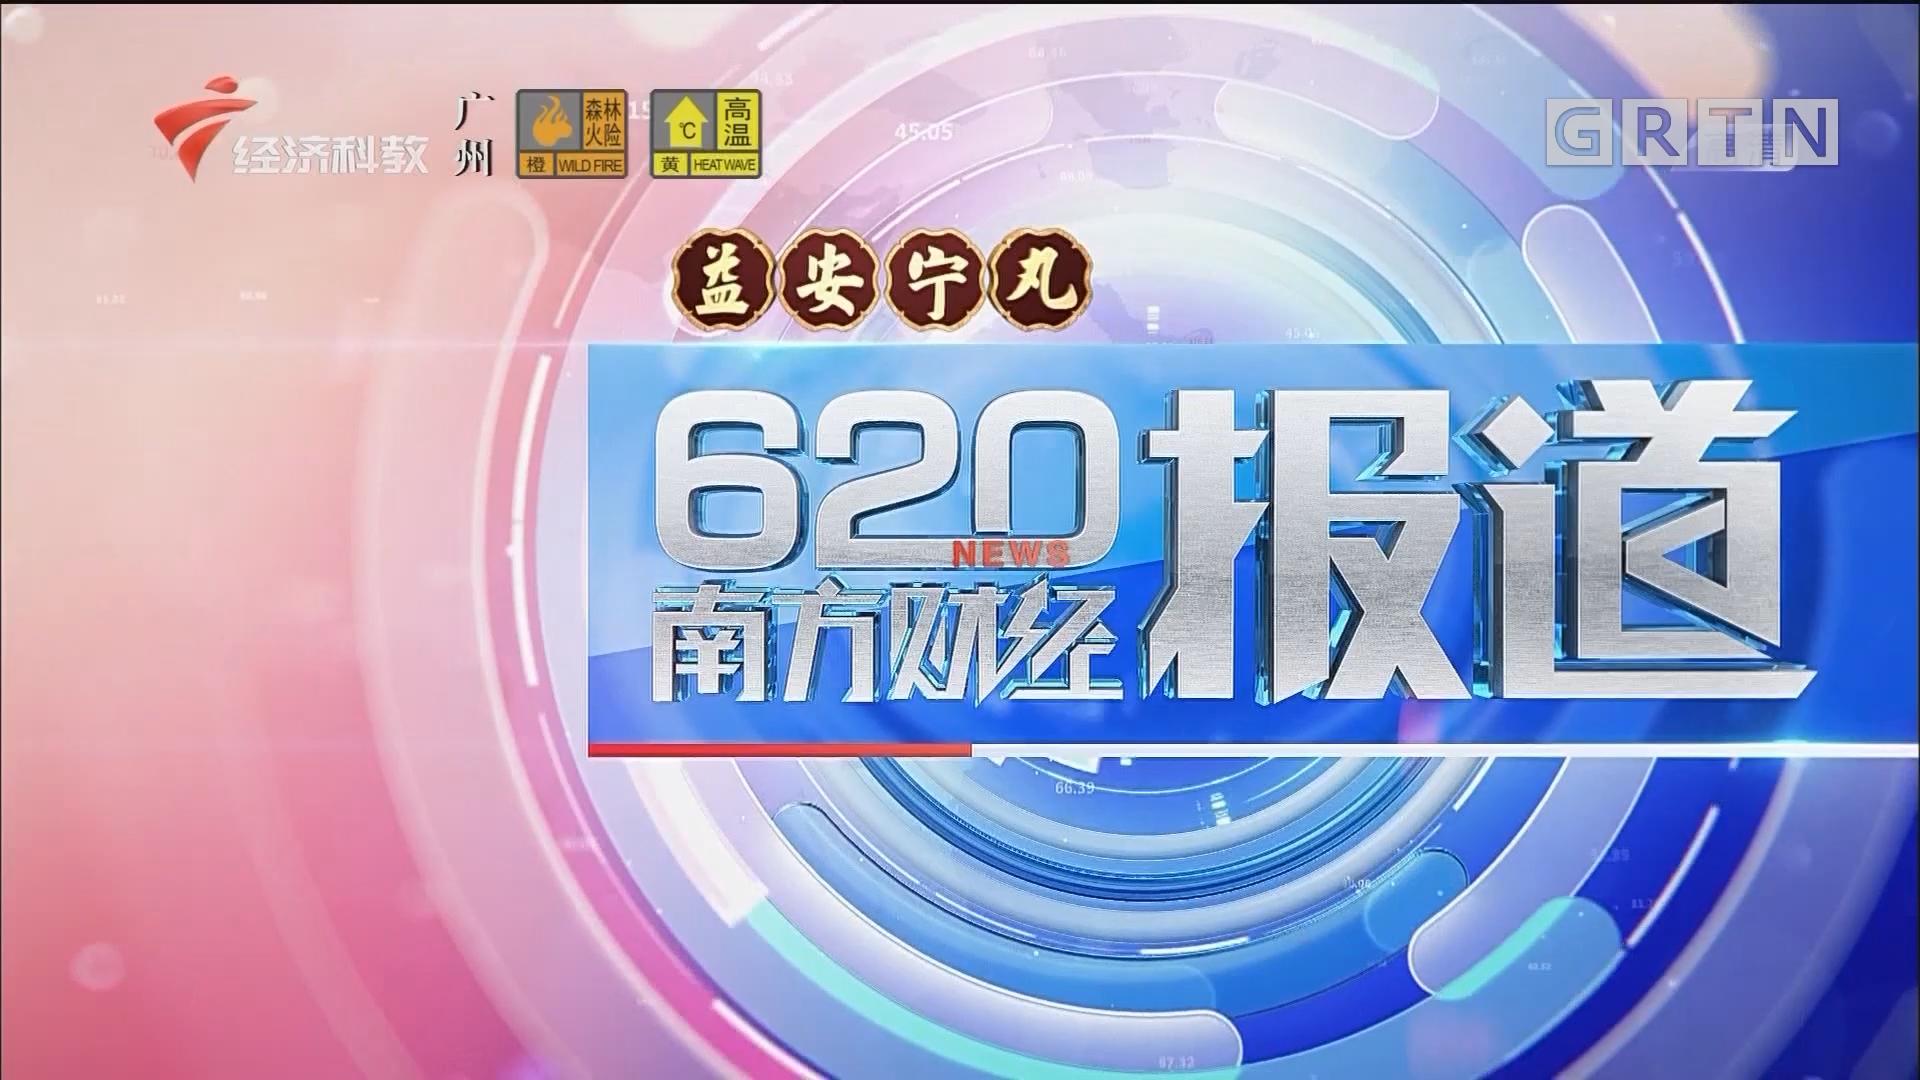 [HD][2020-05-06]南方財經報道:廣東虎門大橋異常抖動 橋面如波浪起伏